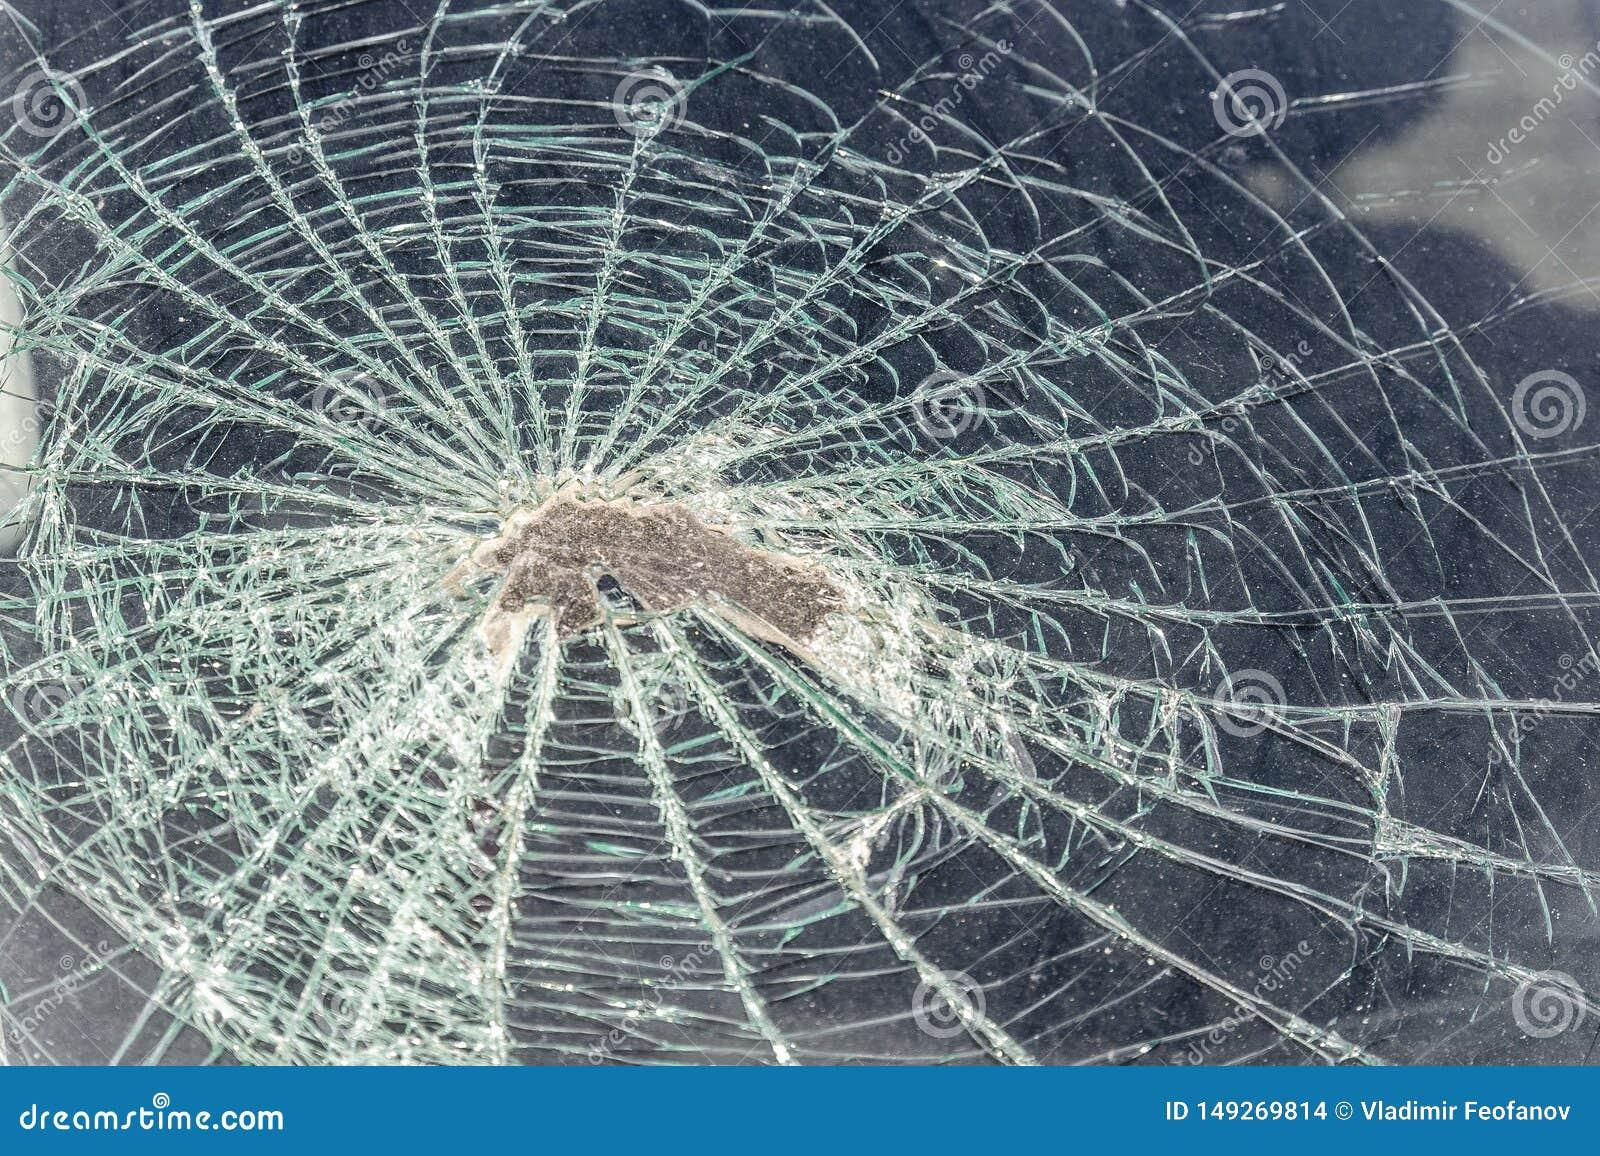 Trace dans le pare-brise de la tête du passager de la voiture dans un accident ou une collision avec un obstacle tête en verre ca